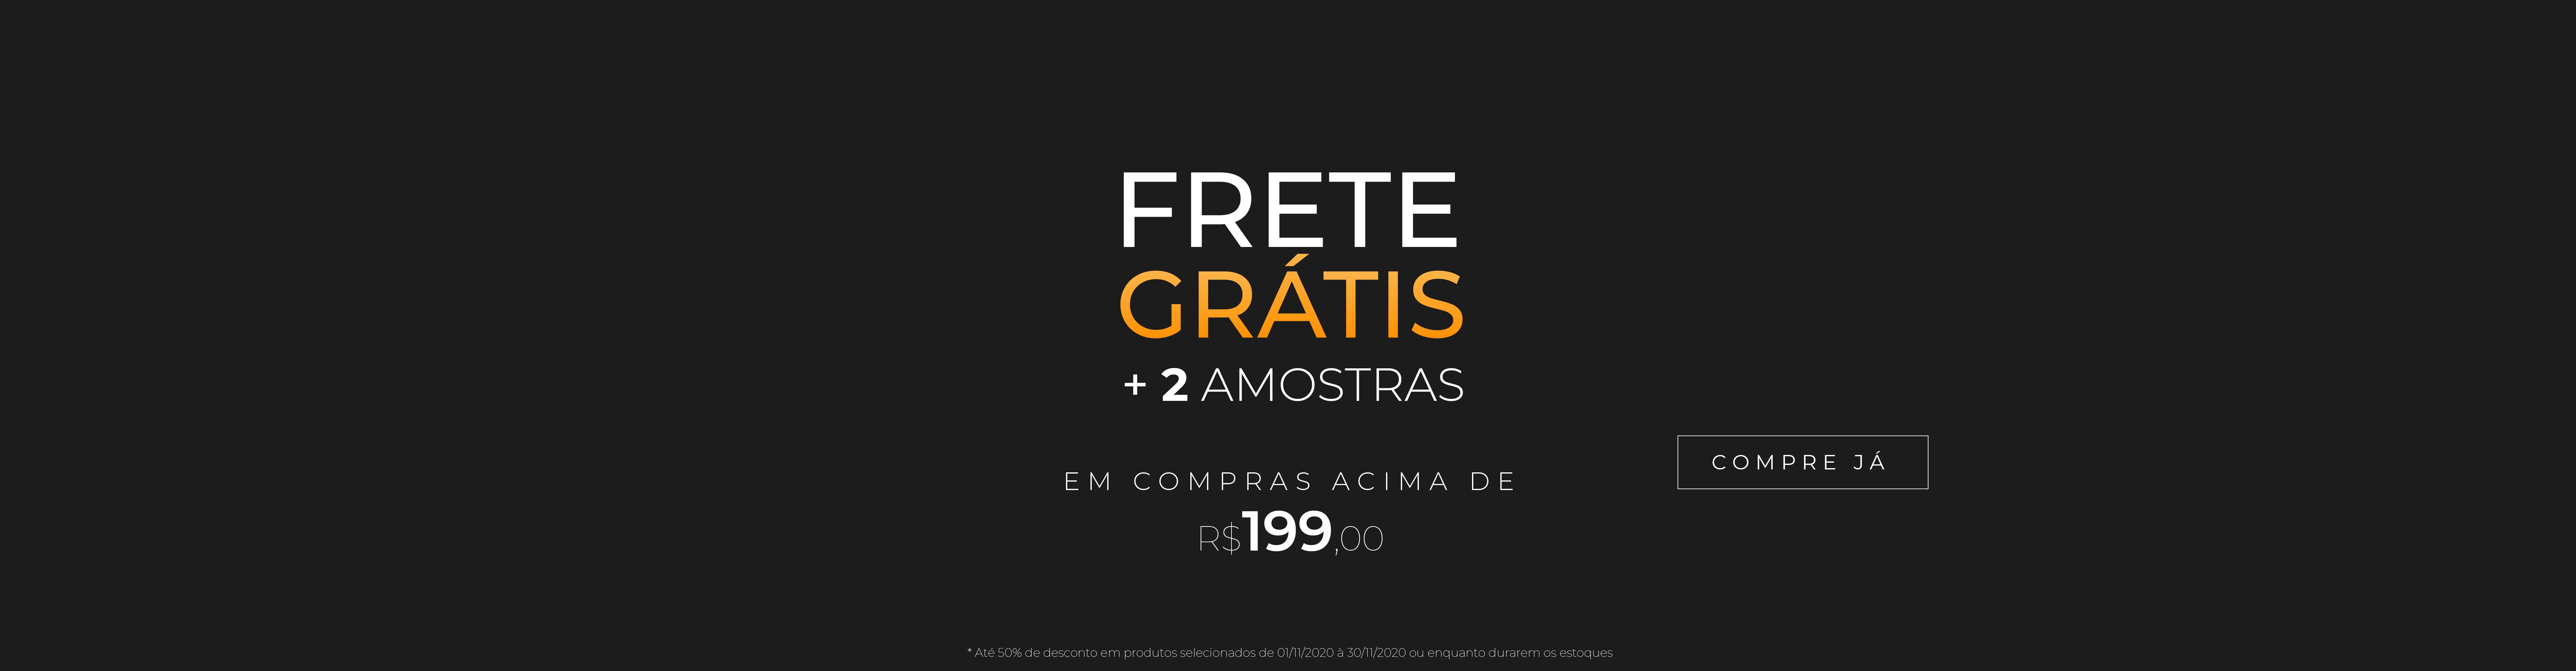 FRETE GRÁTIS BLACK FRIDAY FULL